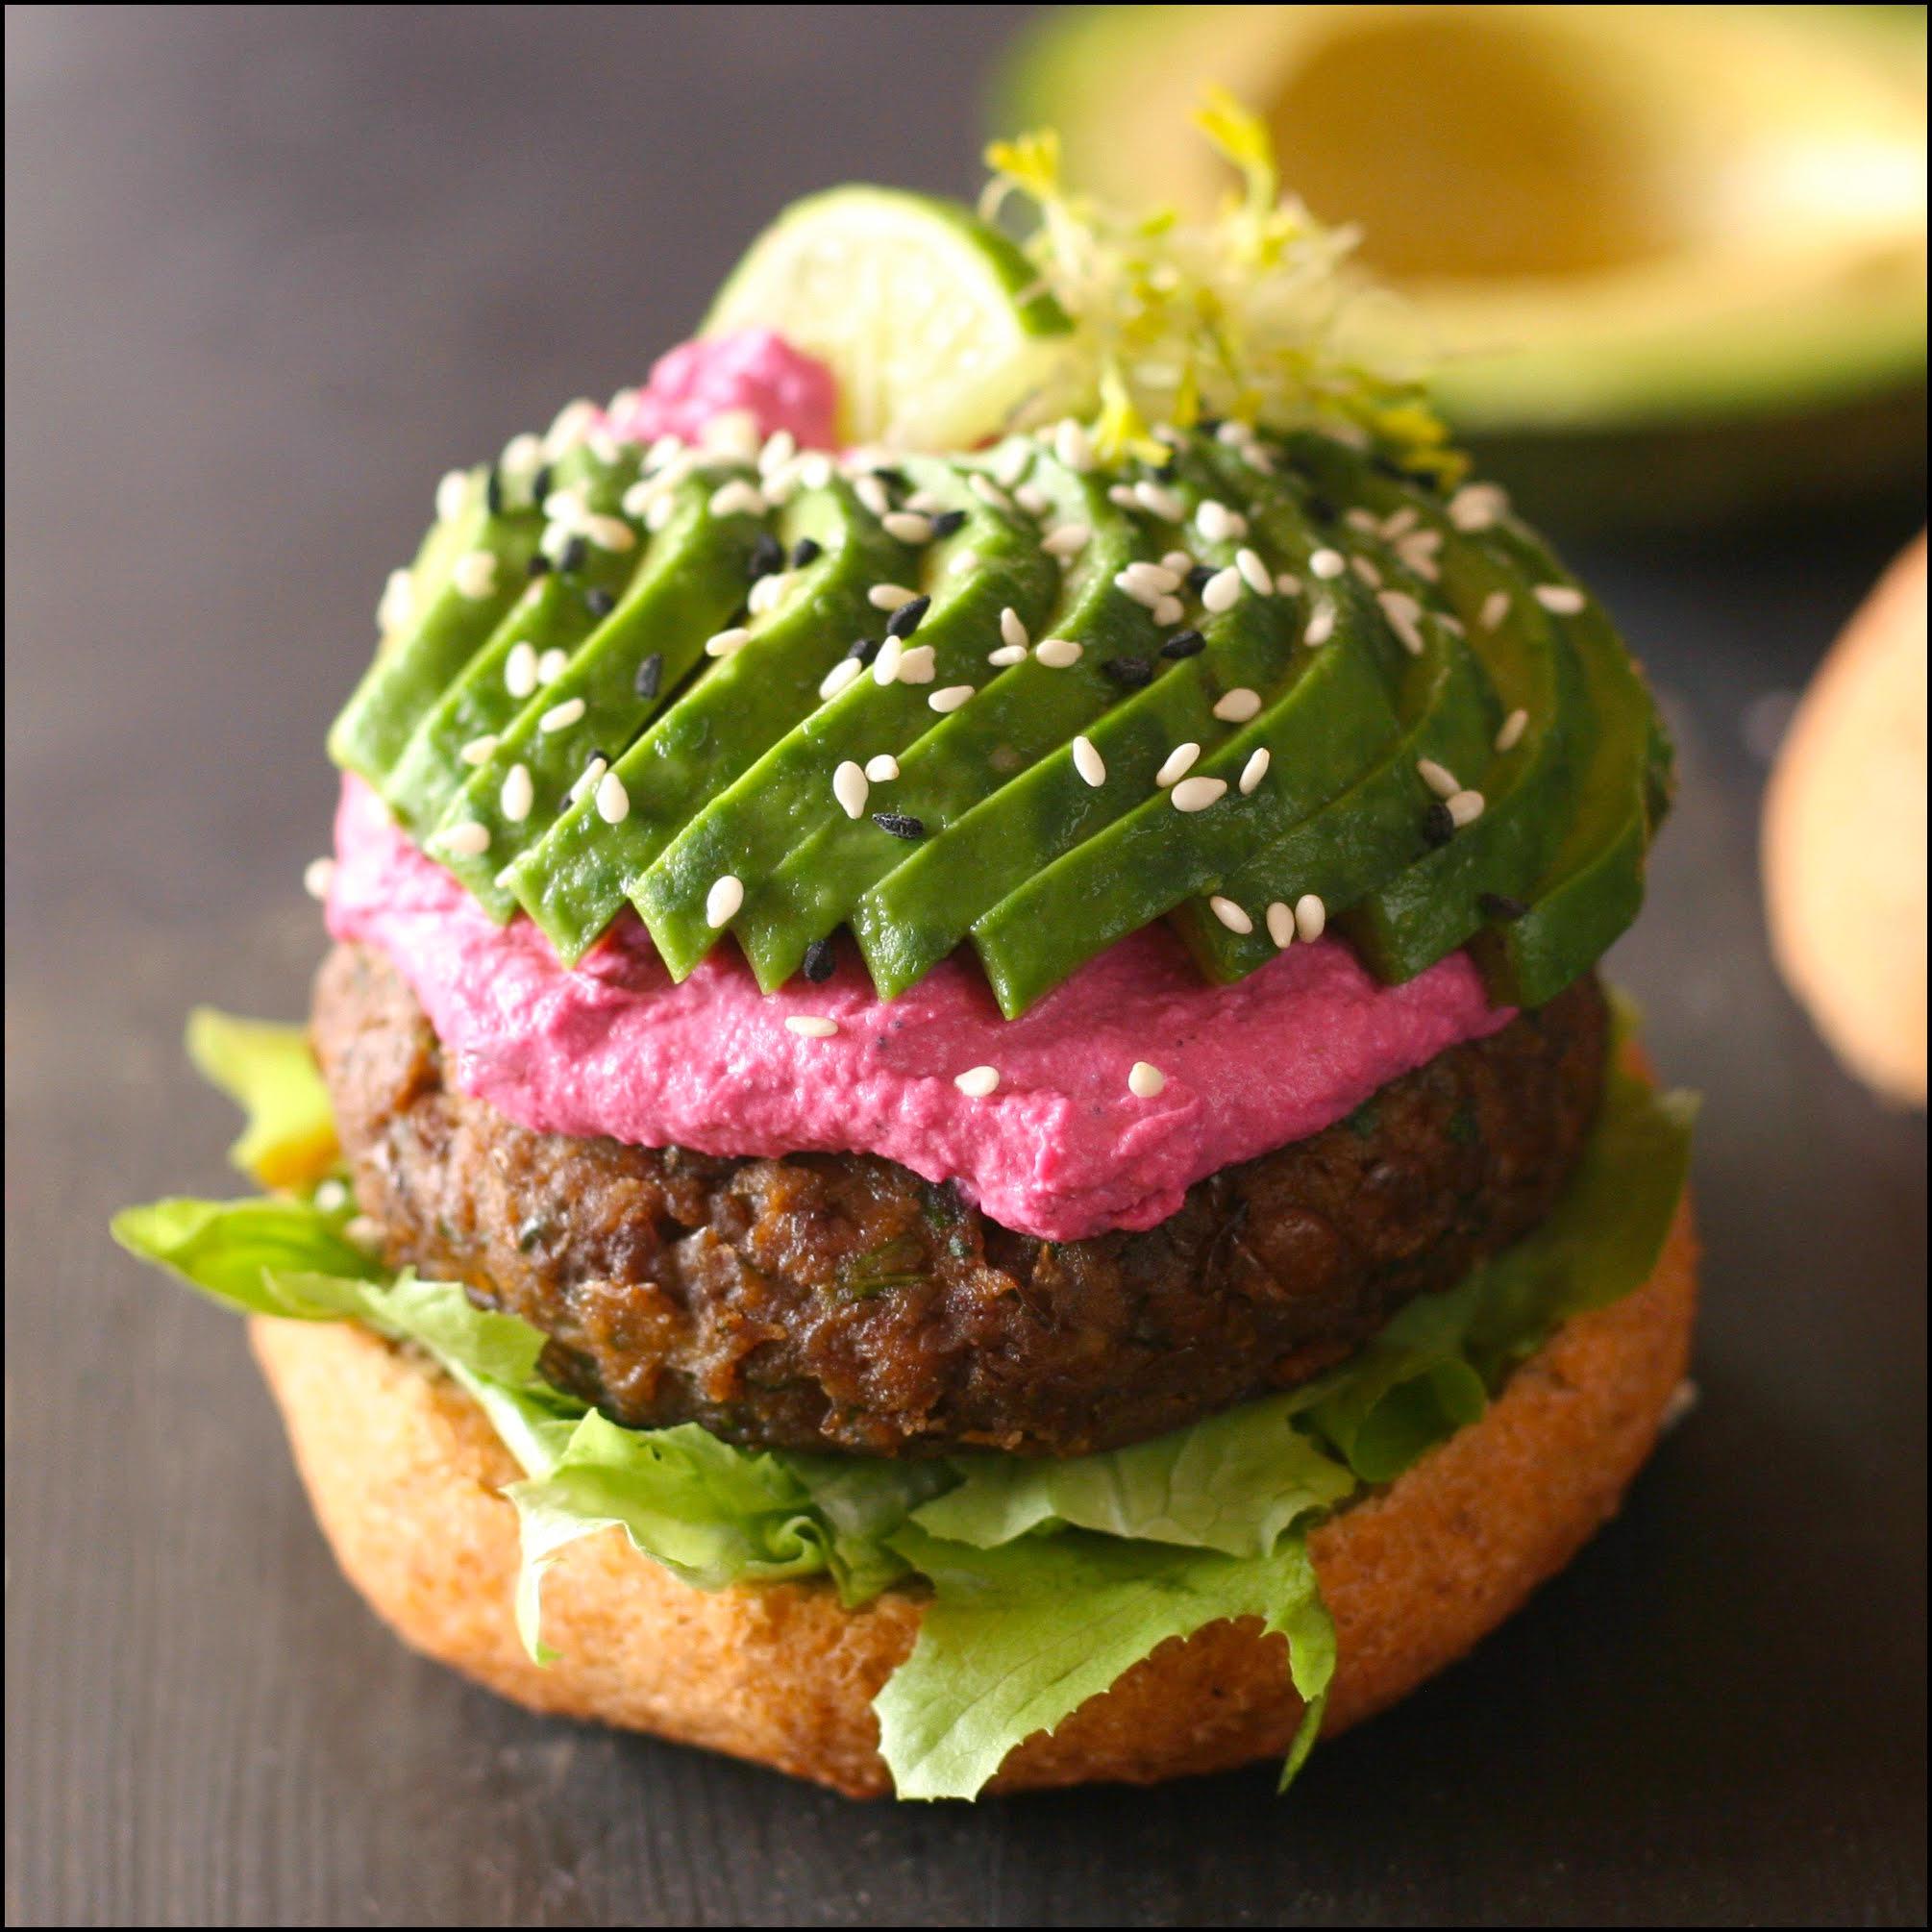 Lunch 2 - Mushroom Burger